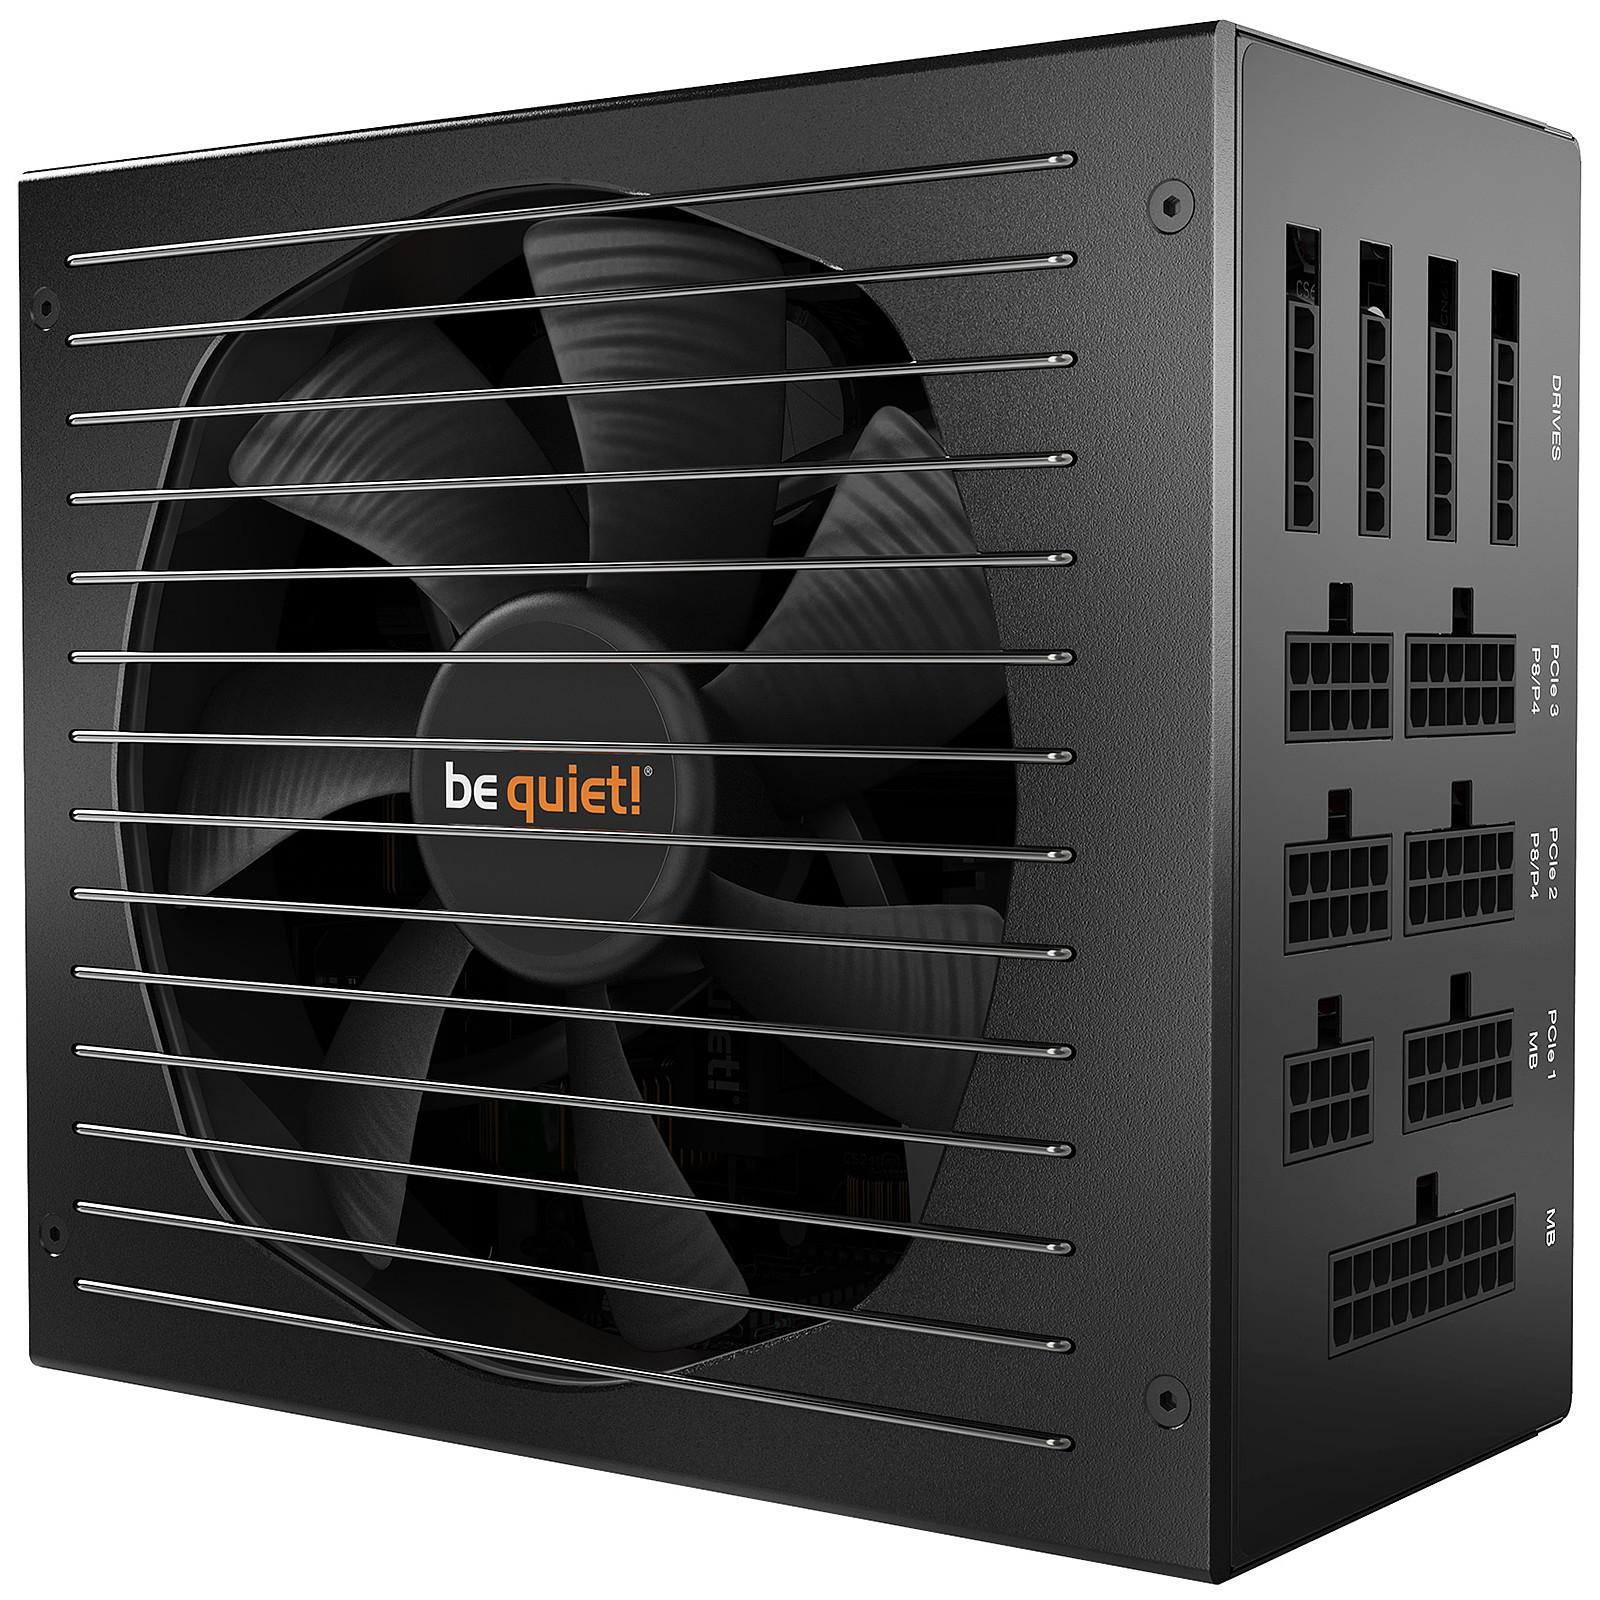 Alimentation PC 1000W be quiet! Straight Power 11 1000W 80PLUS Gold, informatique ile de la Réunion 974, Futur Réunion Informatique